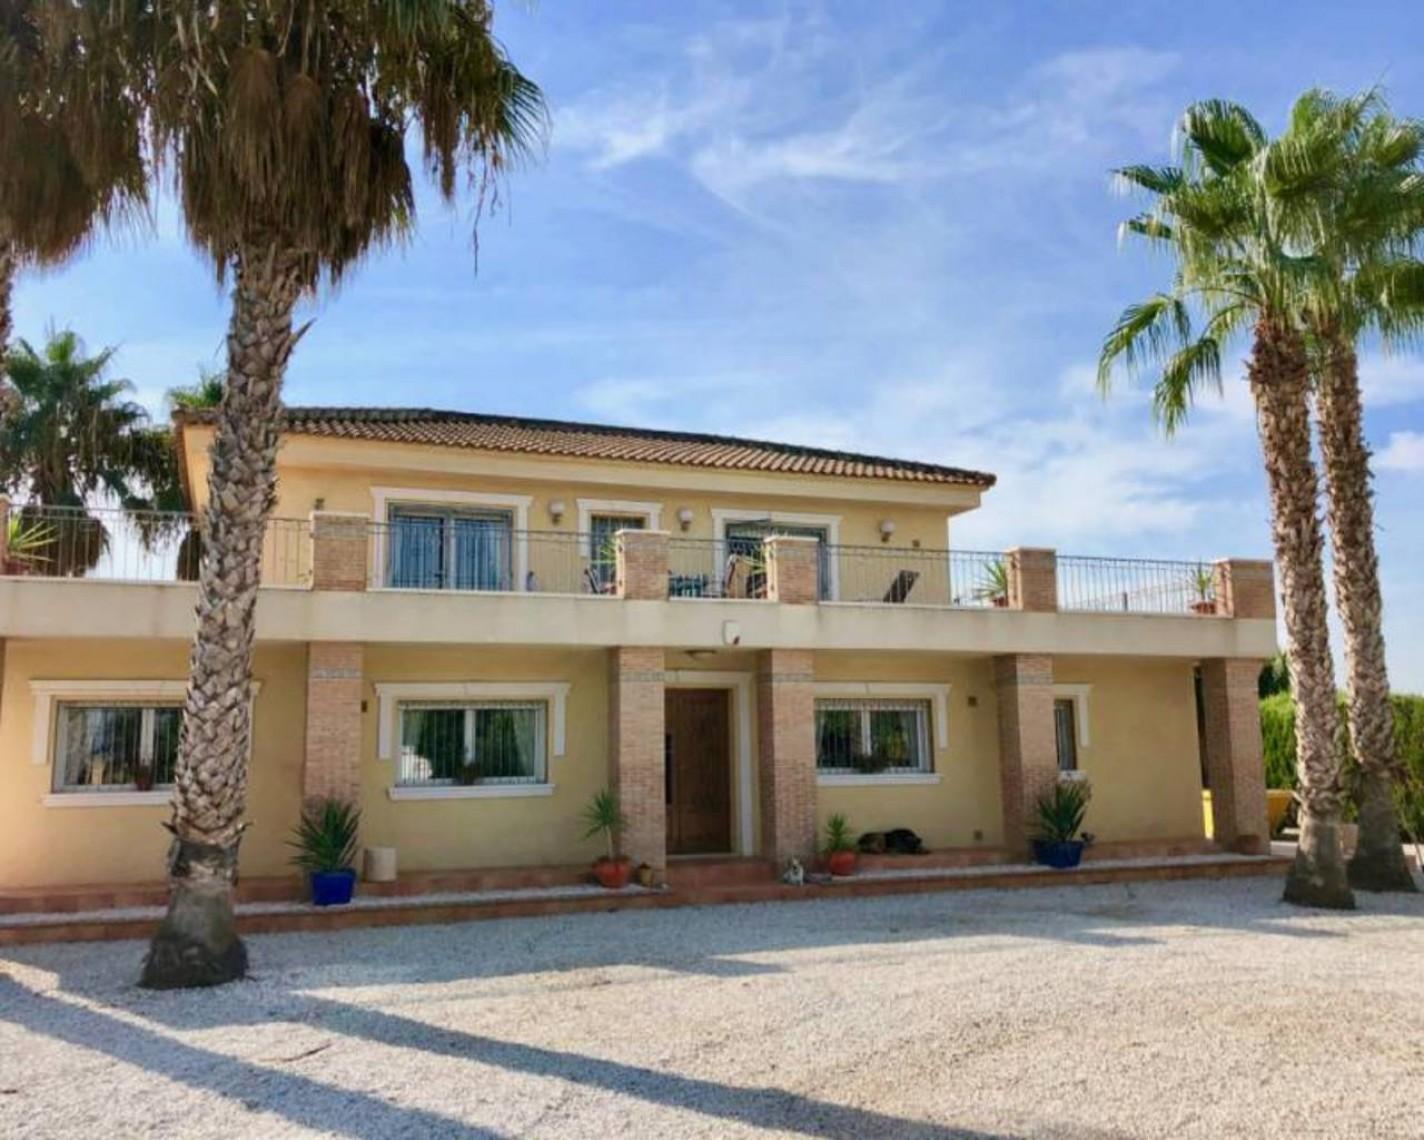 Villa for sale in Almoradi Alicante